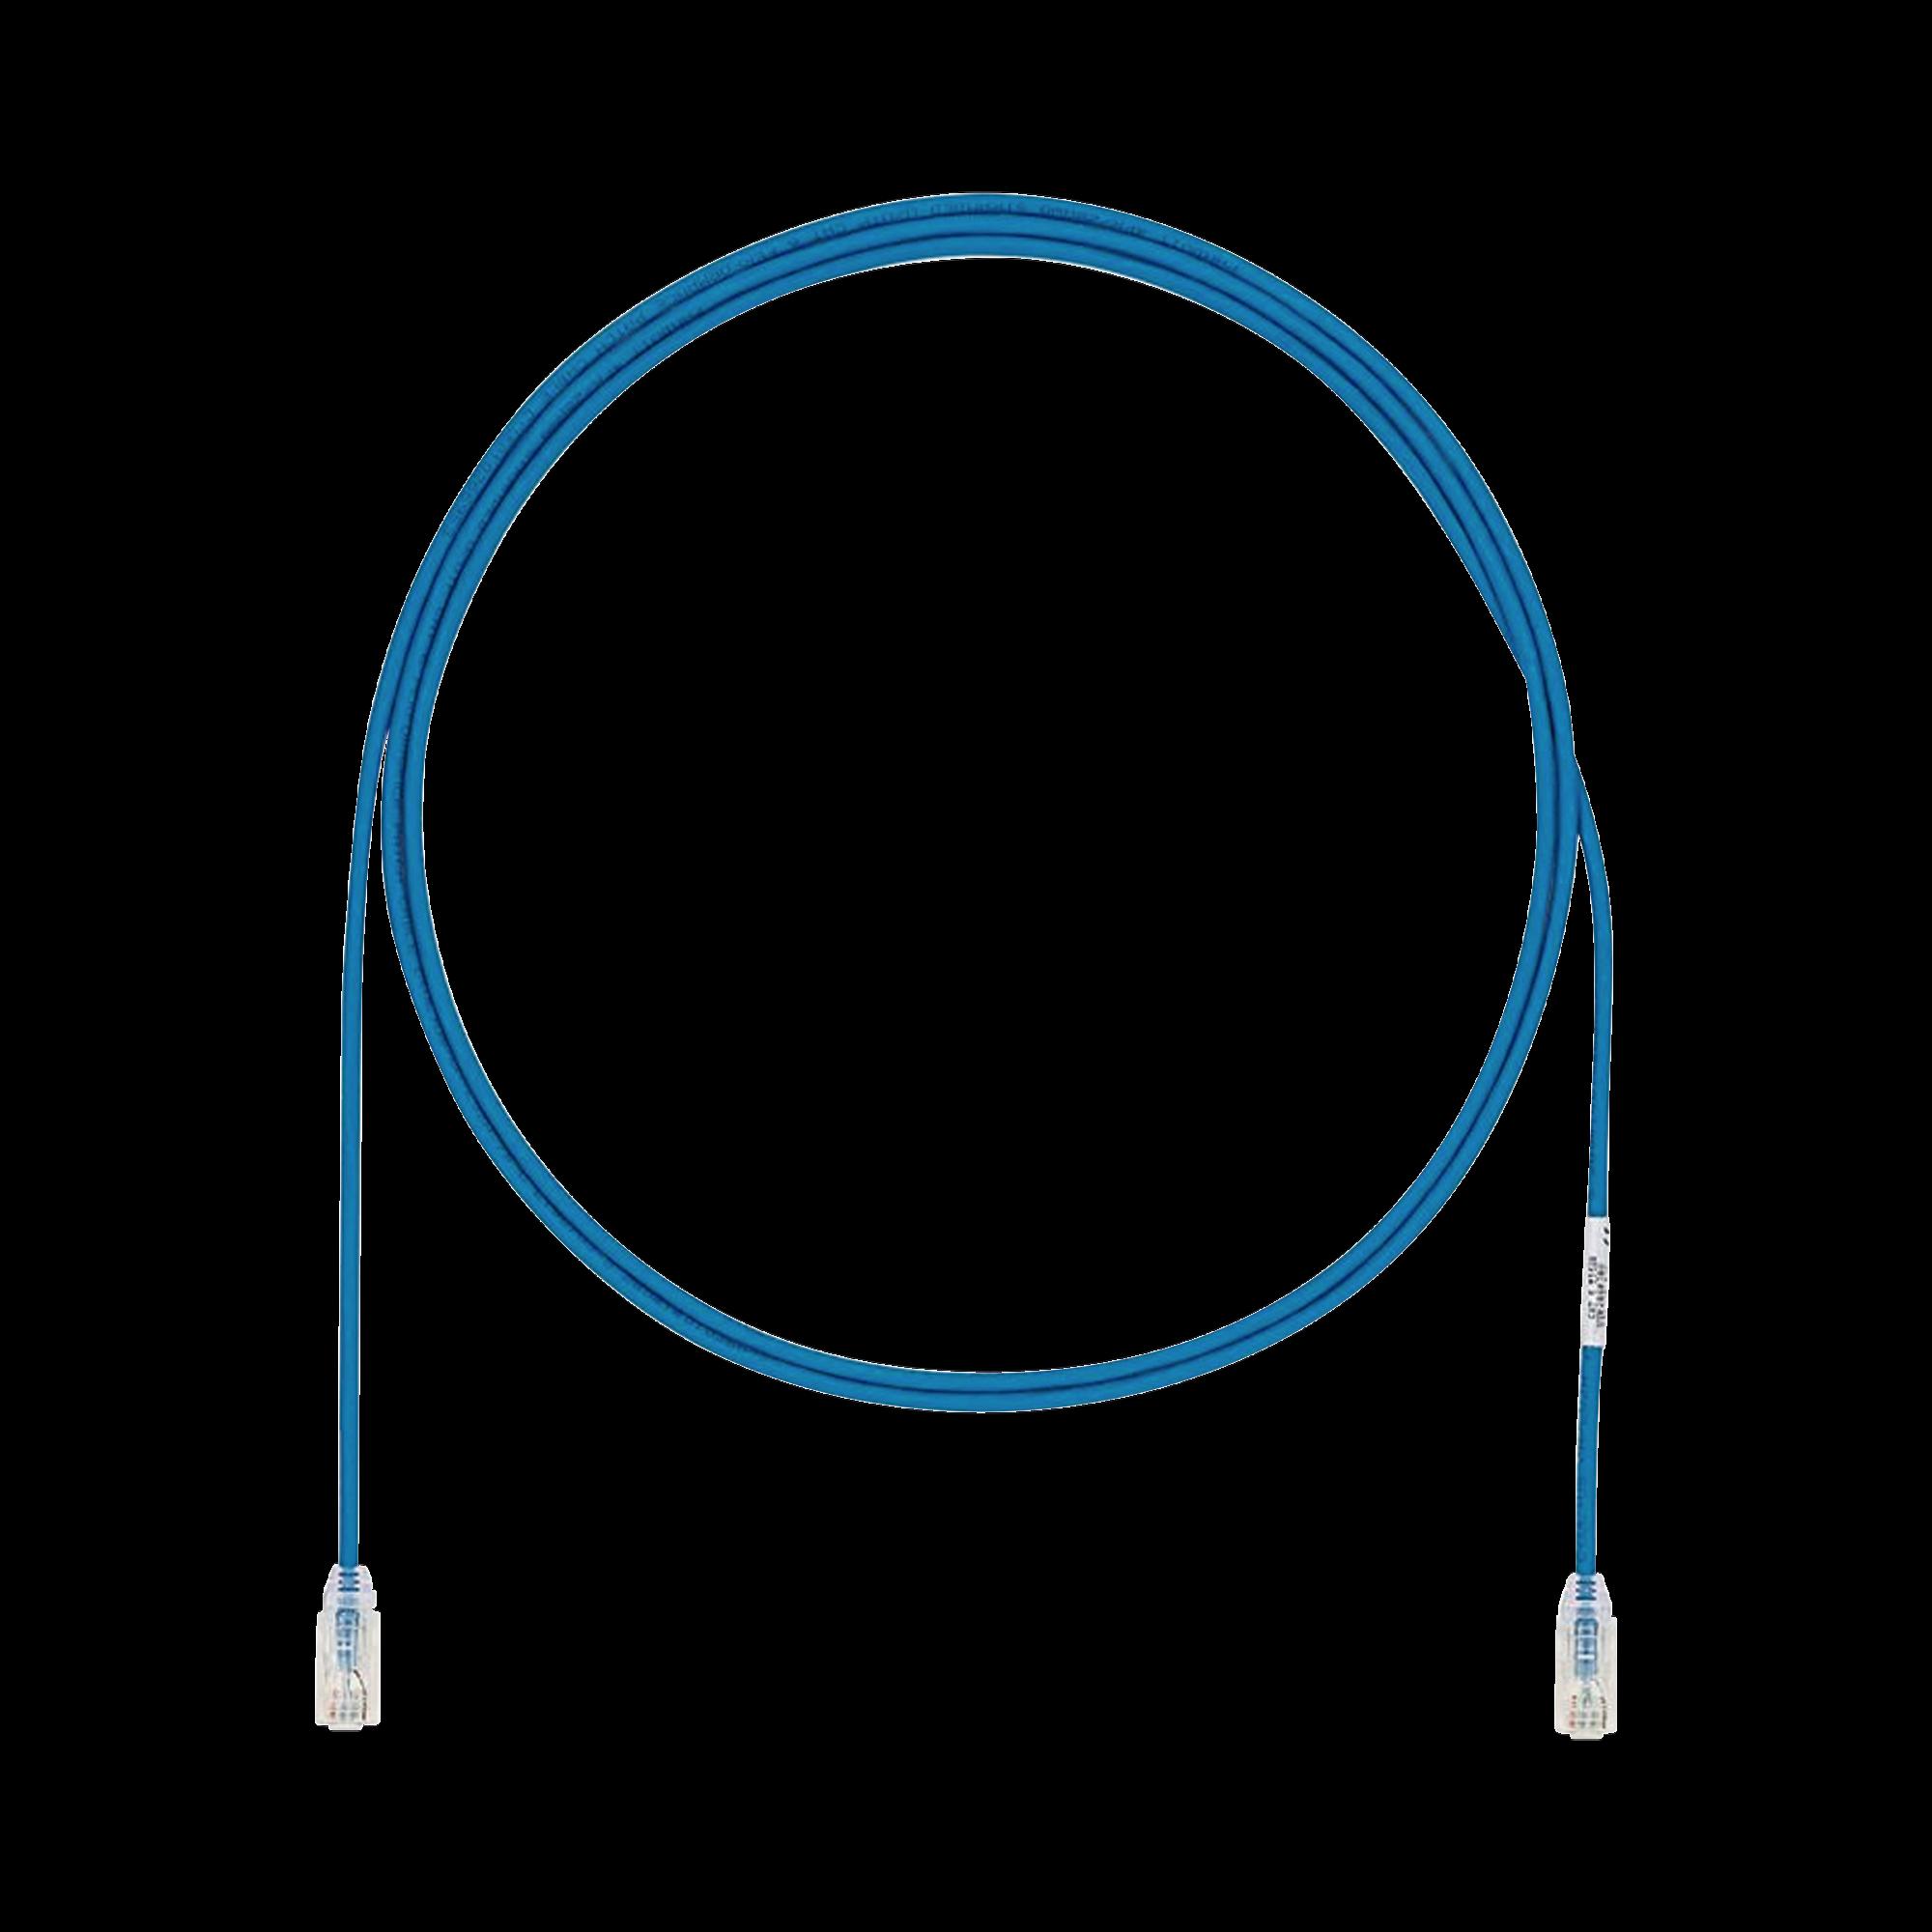 Cable de Parcheo UTP Cat6A, CM/LSZH, Diámetro Reducido (28AWG), Color Azul, 15ft